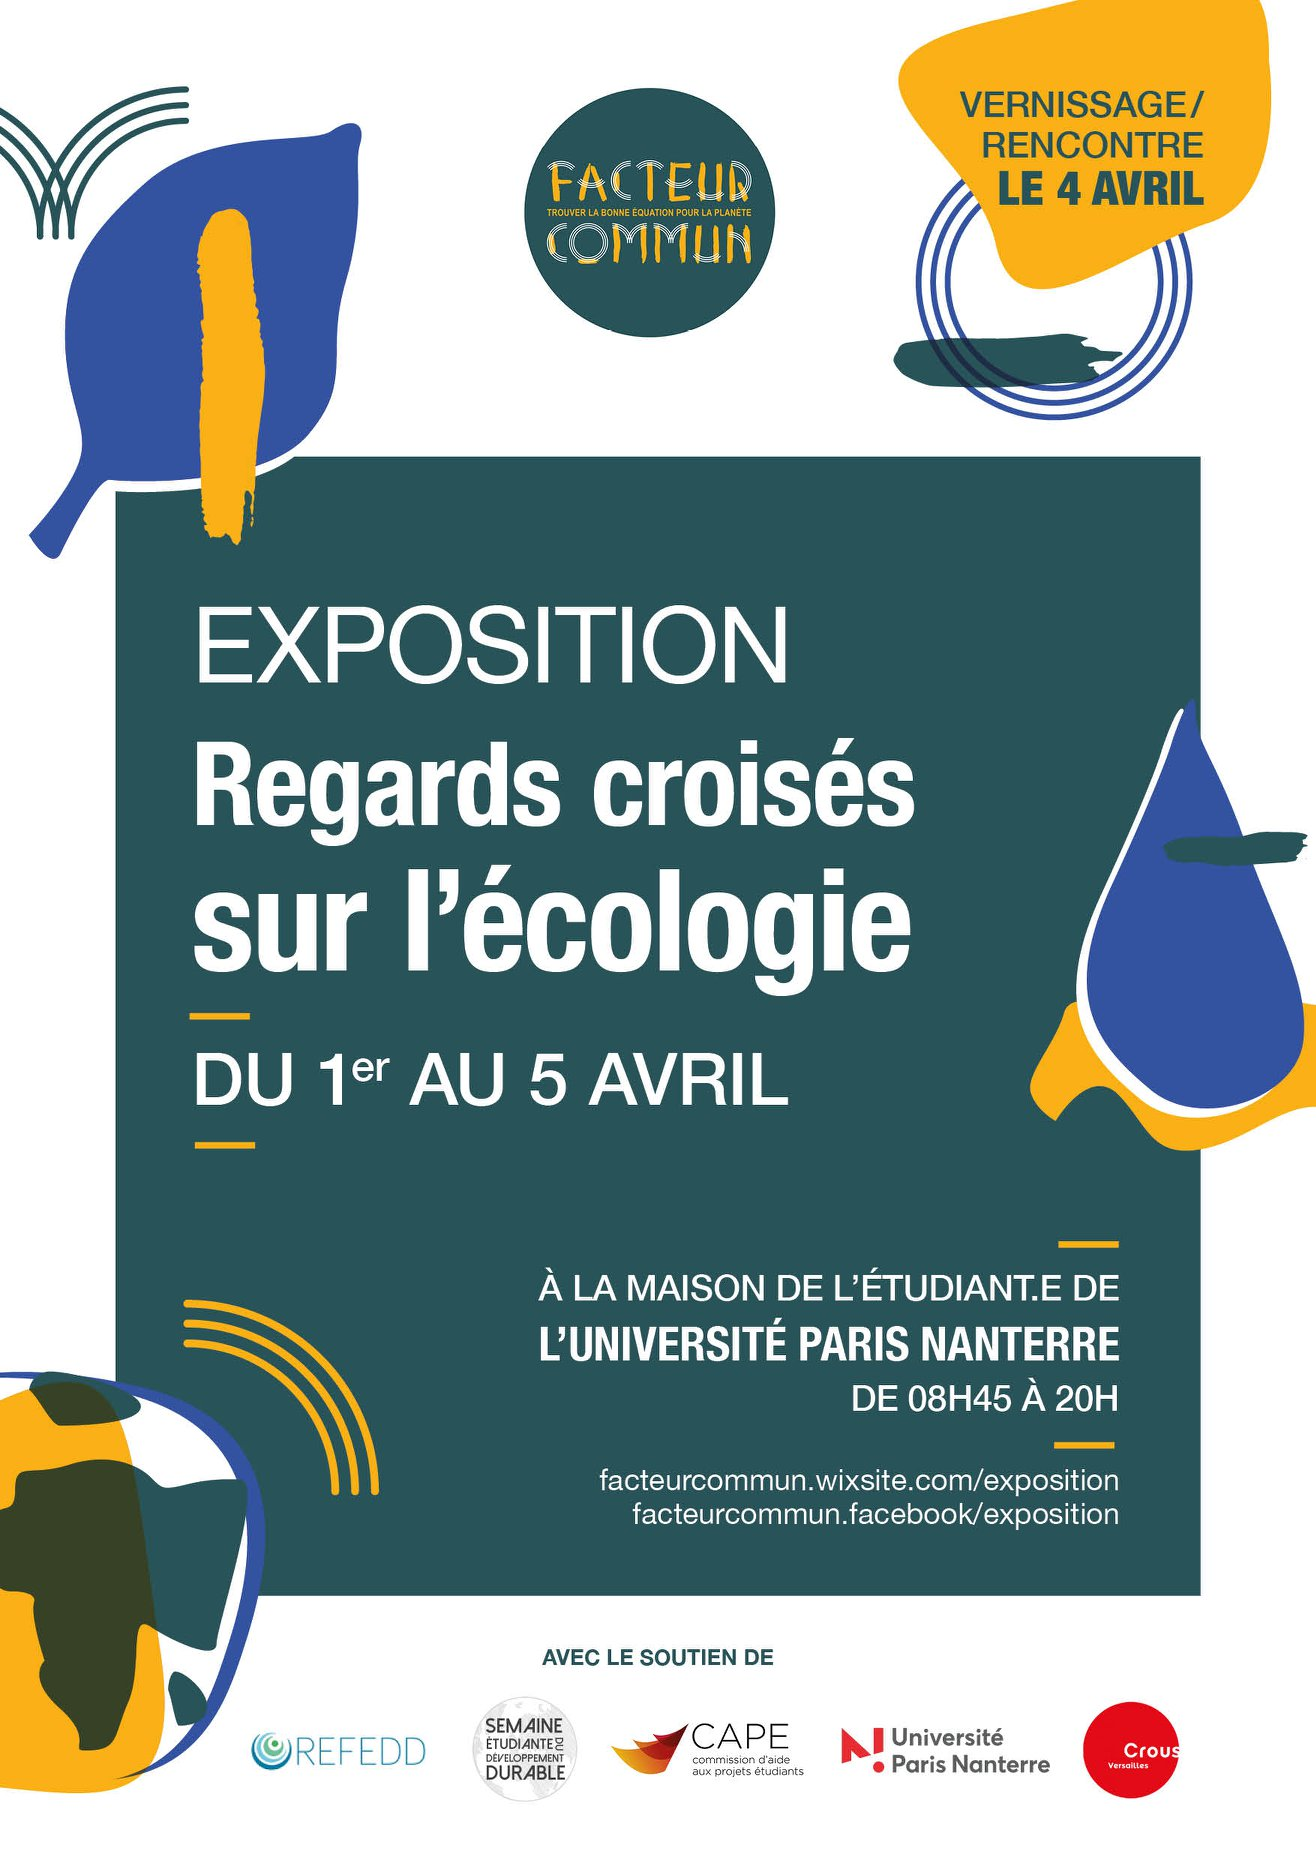 """Affiche de l'exposition """"Regards Croisés sur l'Écologie"""" du 1er au 5 avril à l'université Paris Nanterre"""